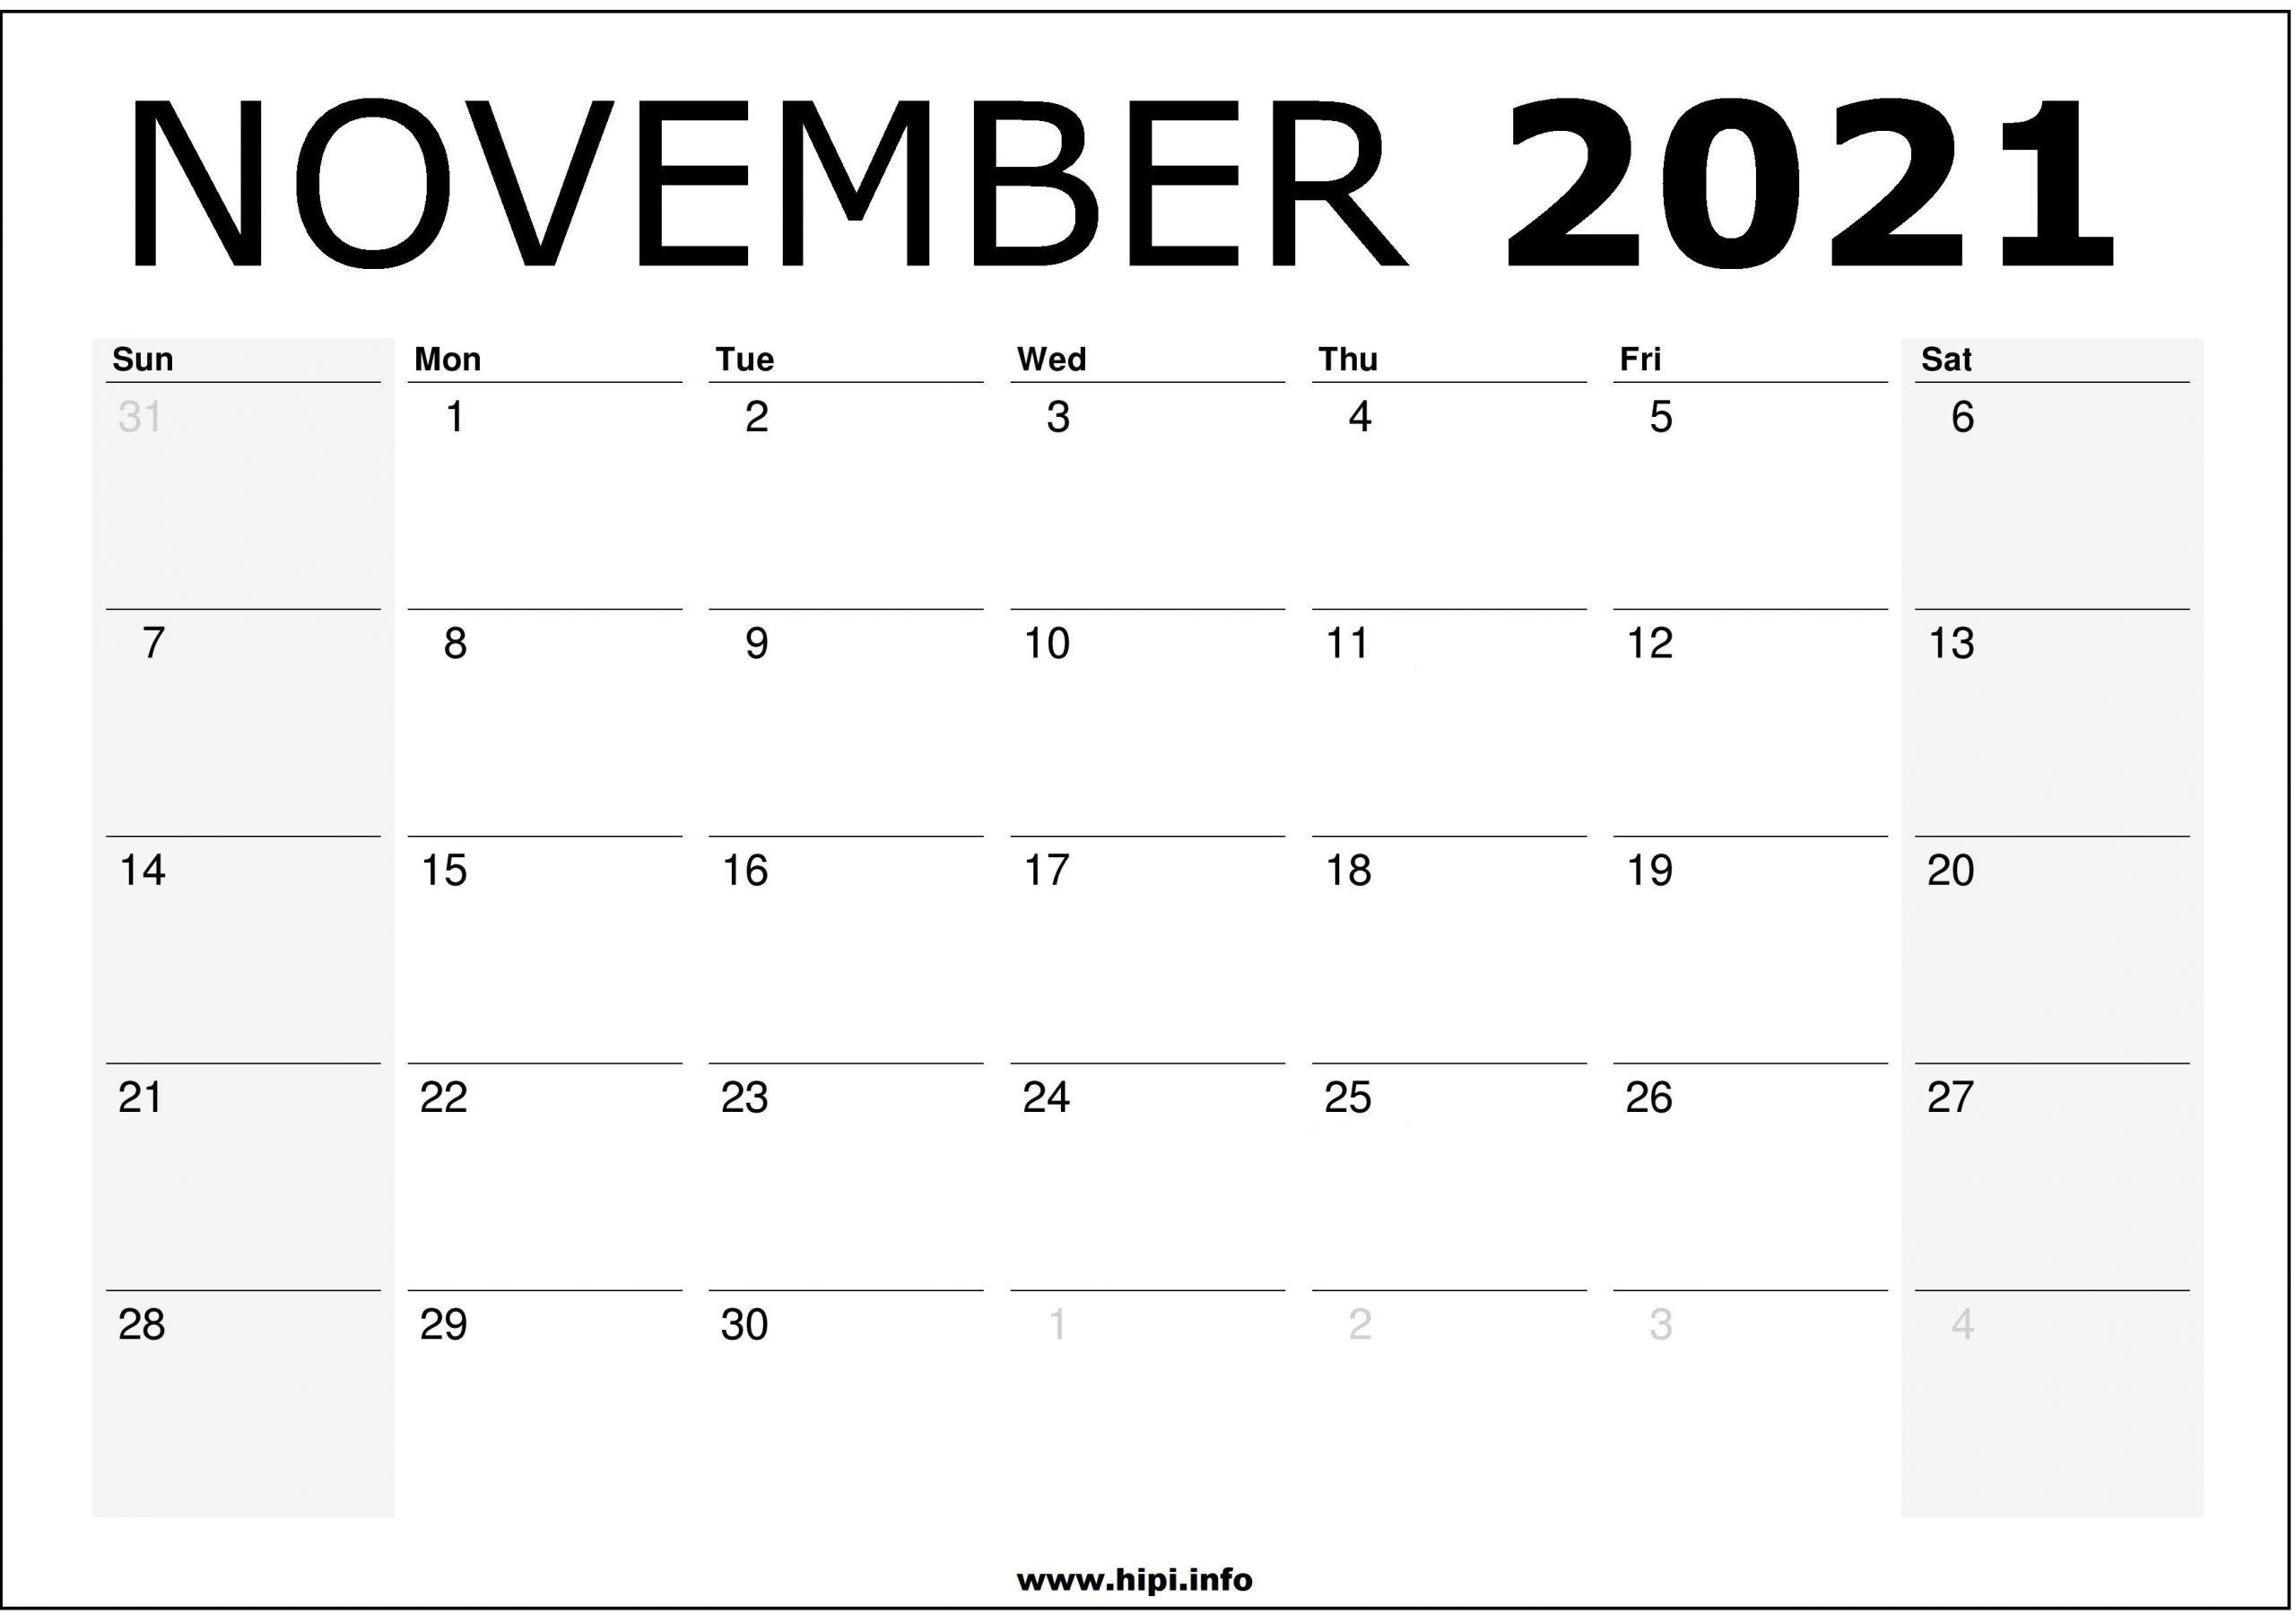 November 2021 Calendar Wallpapers - Wallpaper Cave Show December 2021 Calendar